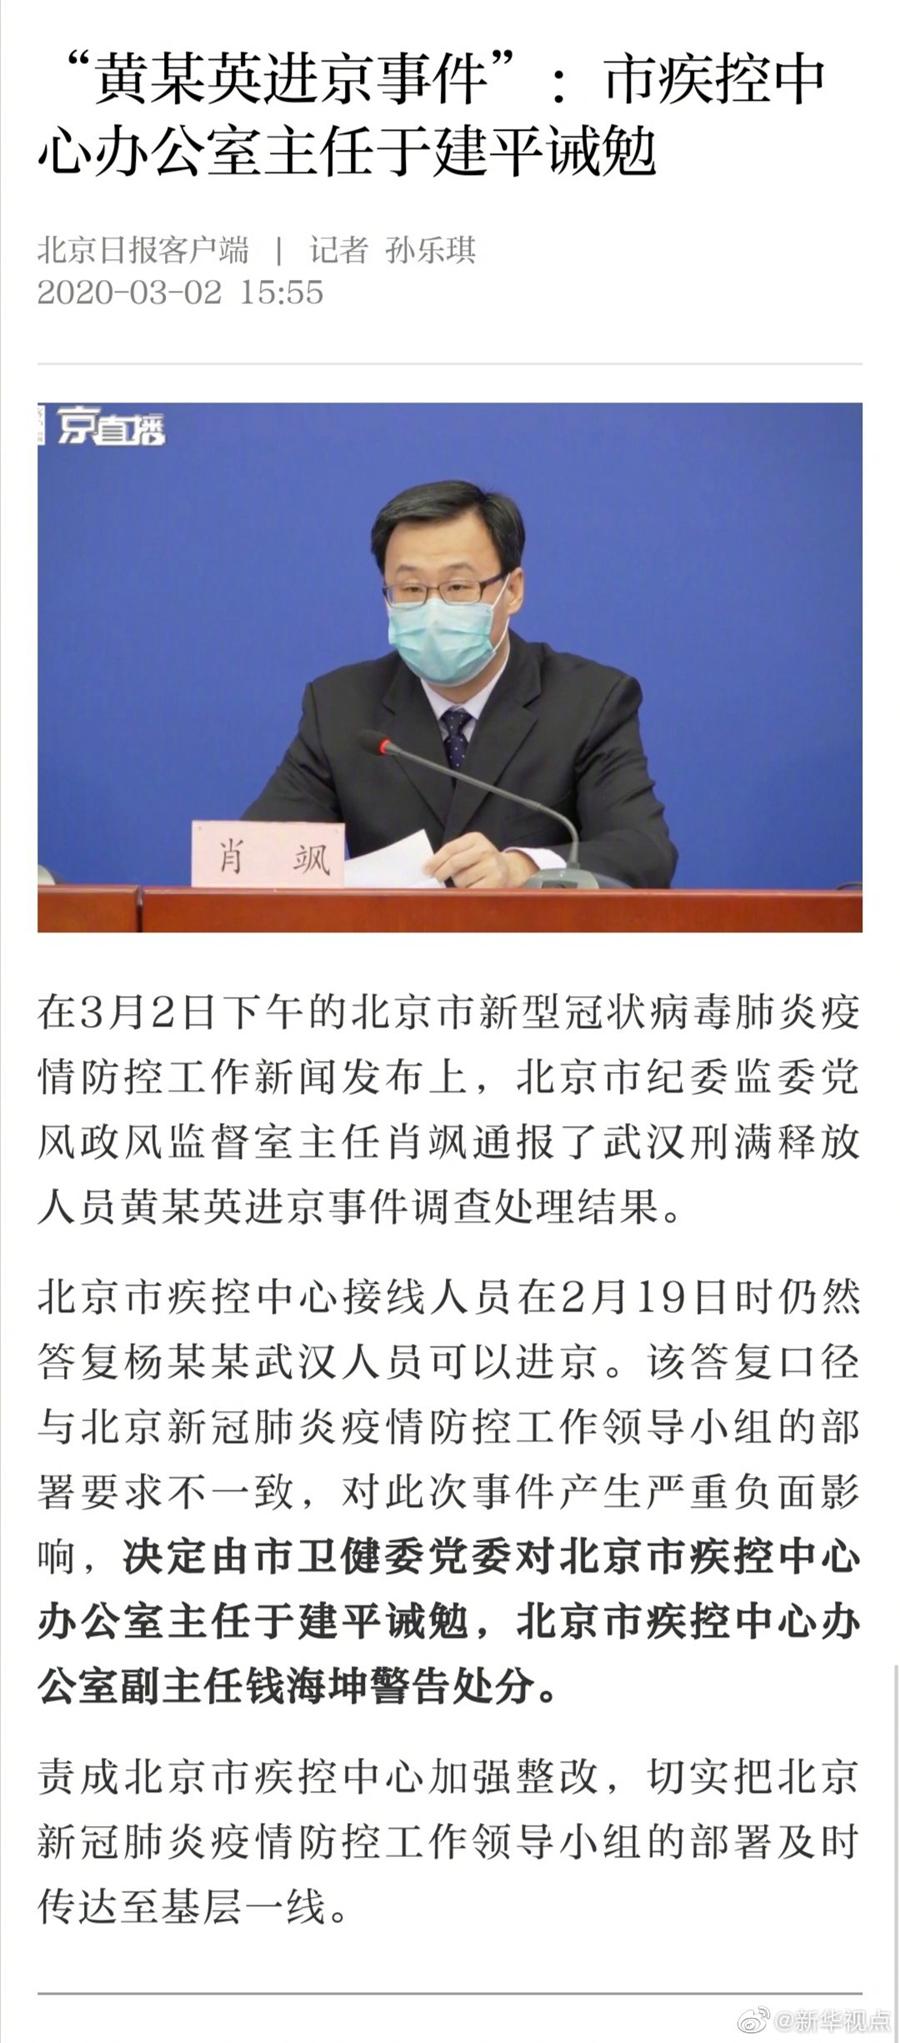 """""""黄某英进京事件"""":北京市疾控中心办公室主任于建平诫勉图片"""